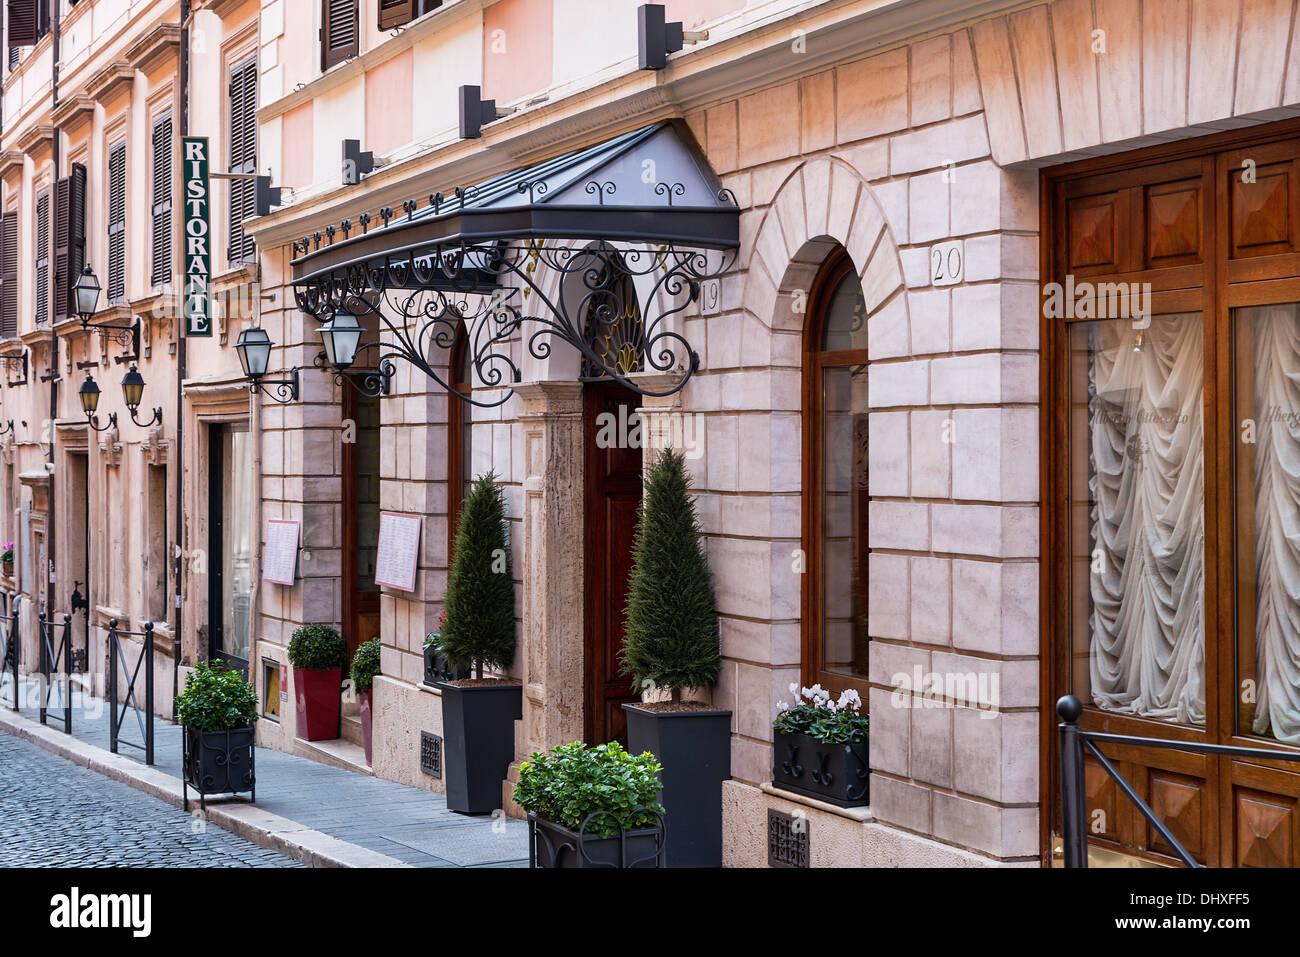 Fancy Restaurant Exterior Fotos E Imagenes De Stock Alamy